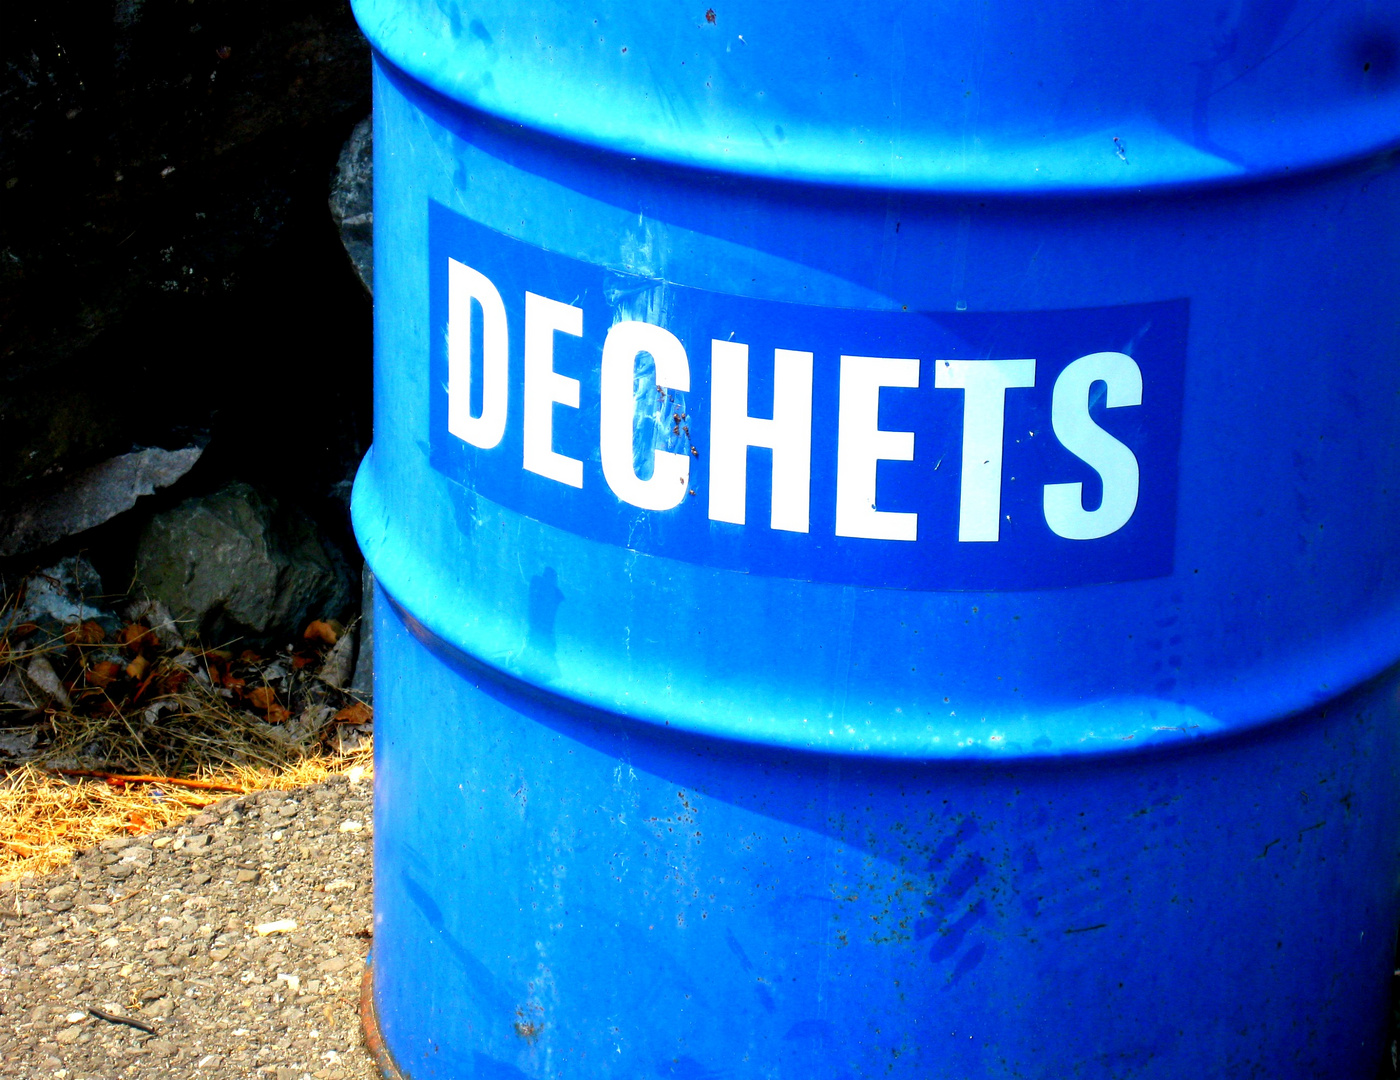 Dechets?